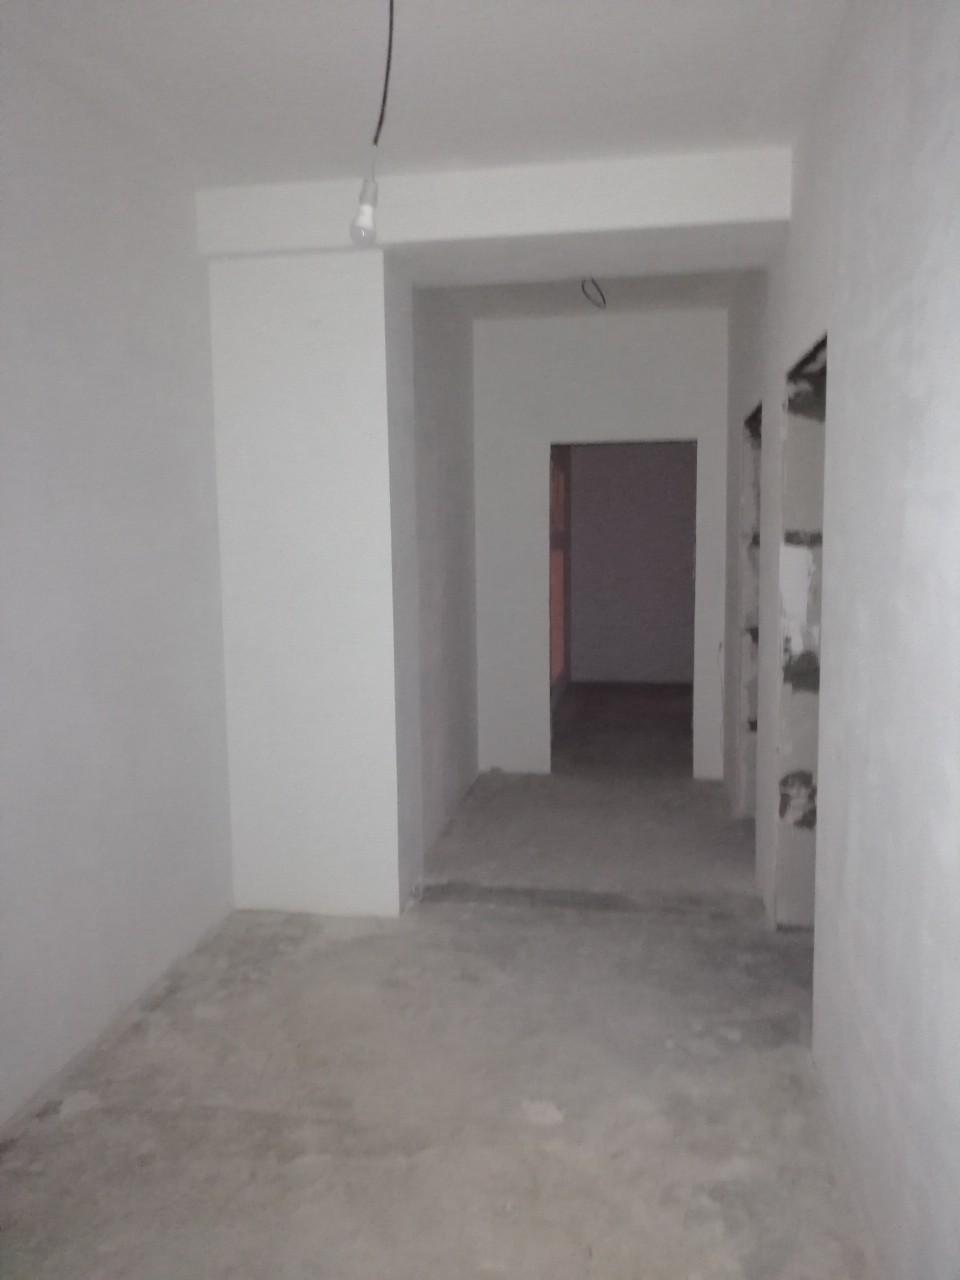 Квартира на продажу по адресу Россия, Самарская обл, Тольятти, Коммунистическая улица, 28